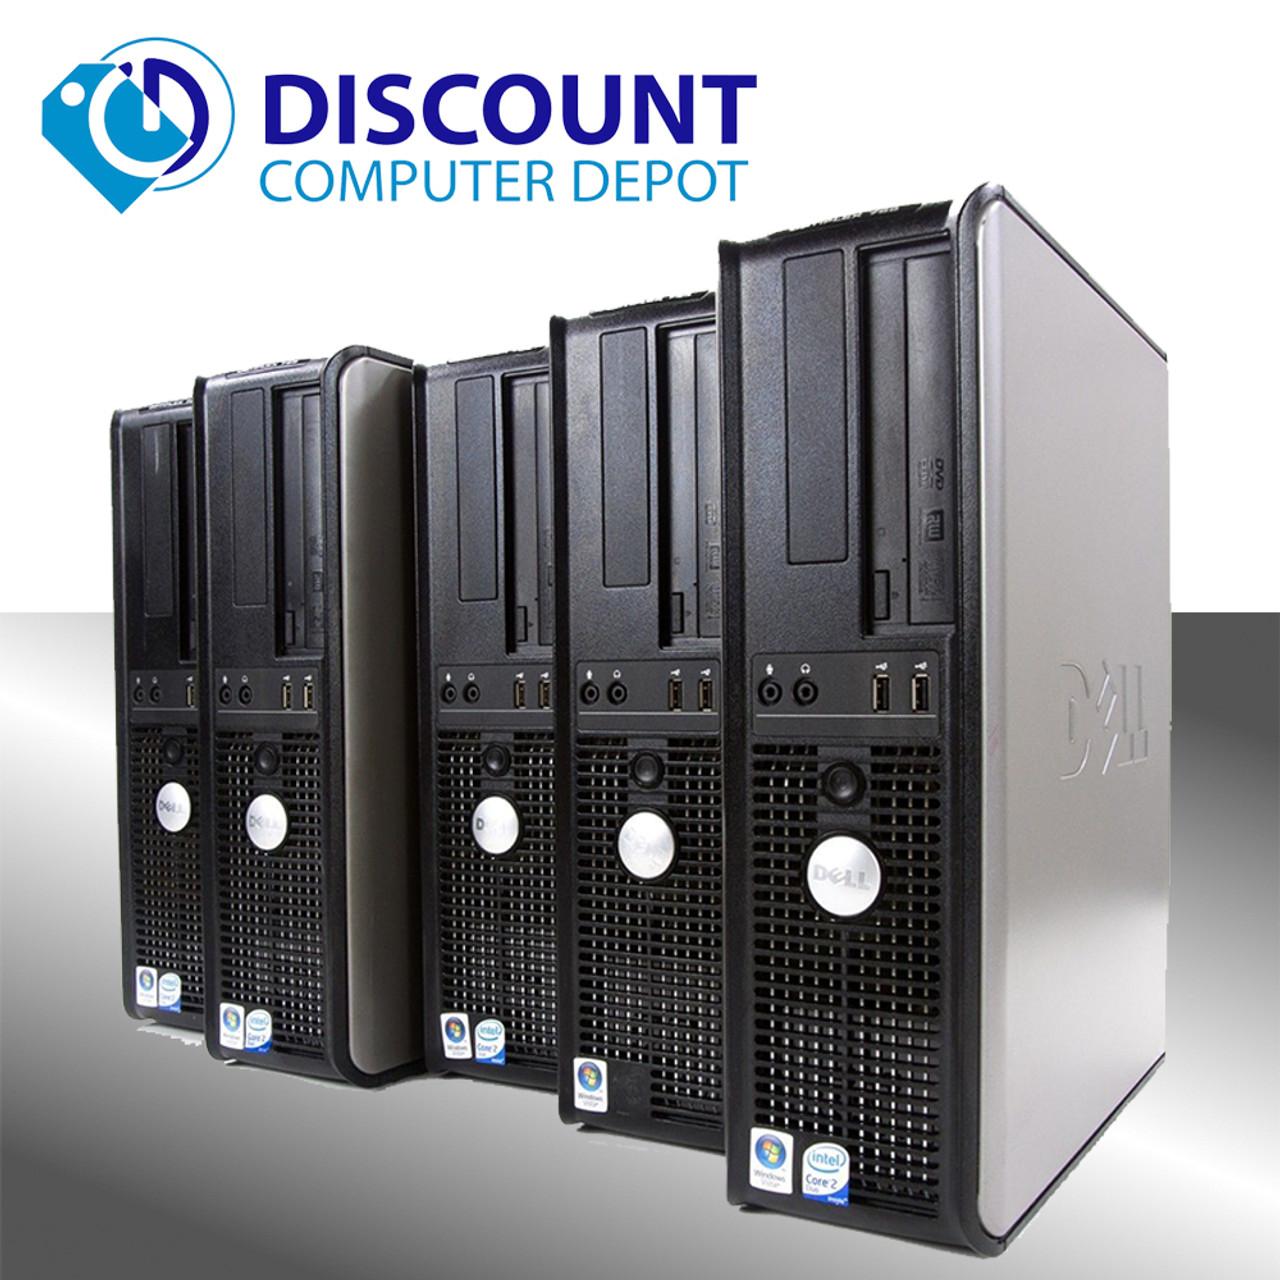 Lot of 5 Dell Optiplex 760 Desktop Computer 3GHz Core 2 Duo 4GB 160GB Win  10 Pro